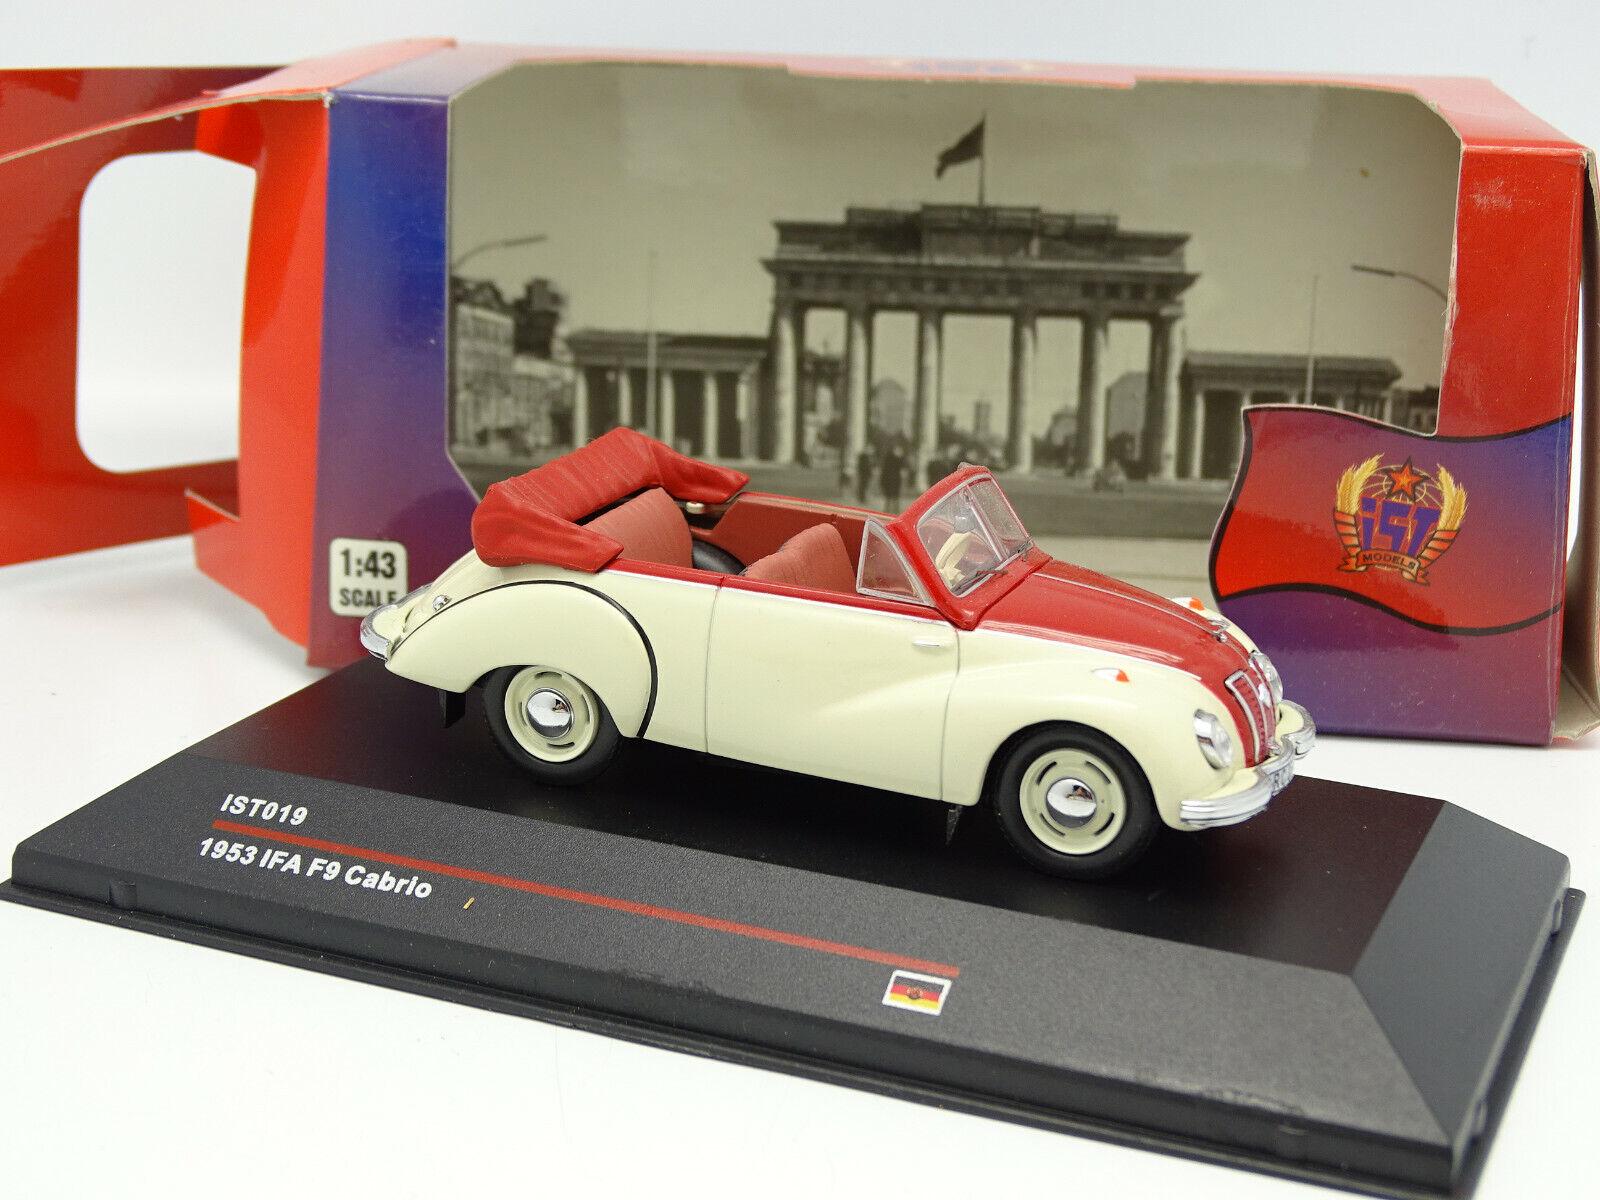 marca en liquidación de venta Ist 1 43 43 43 - Ifa F9 Cabrio 1953 Rojo y blancoo  solo cómpralo